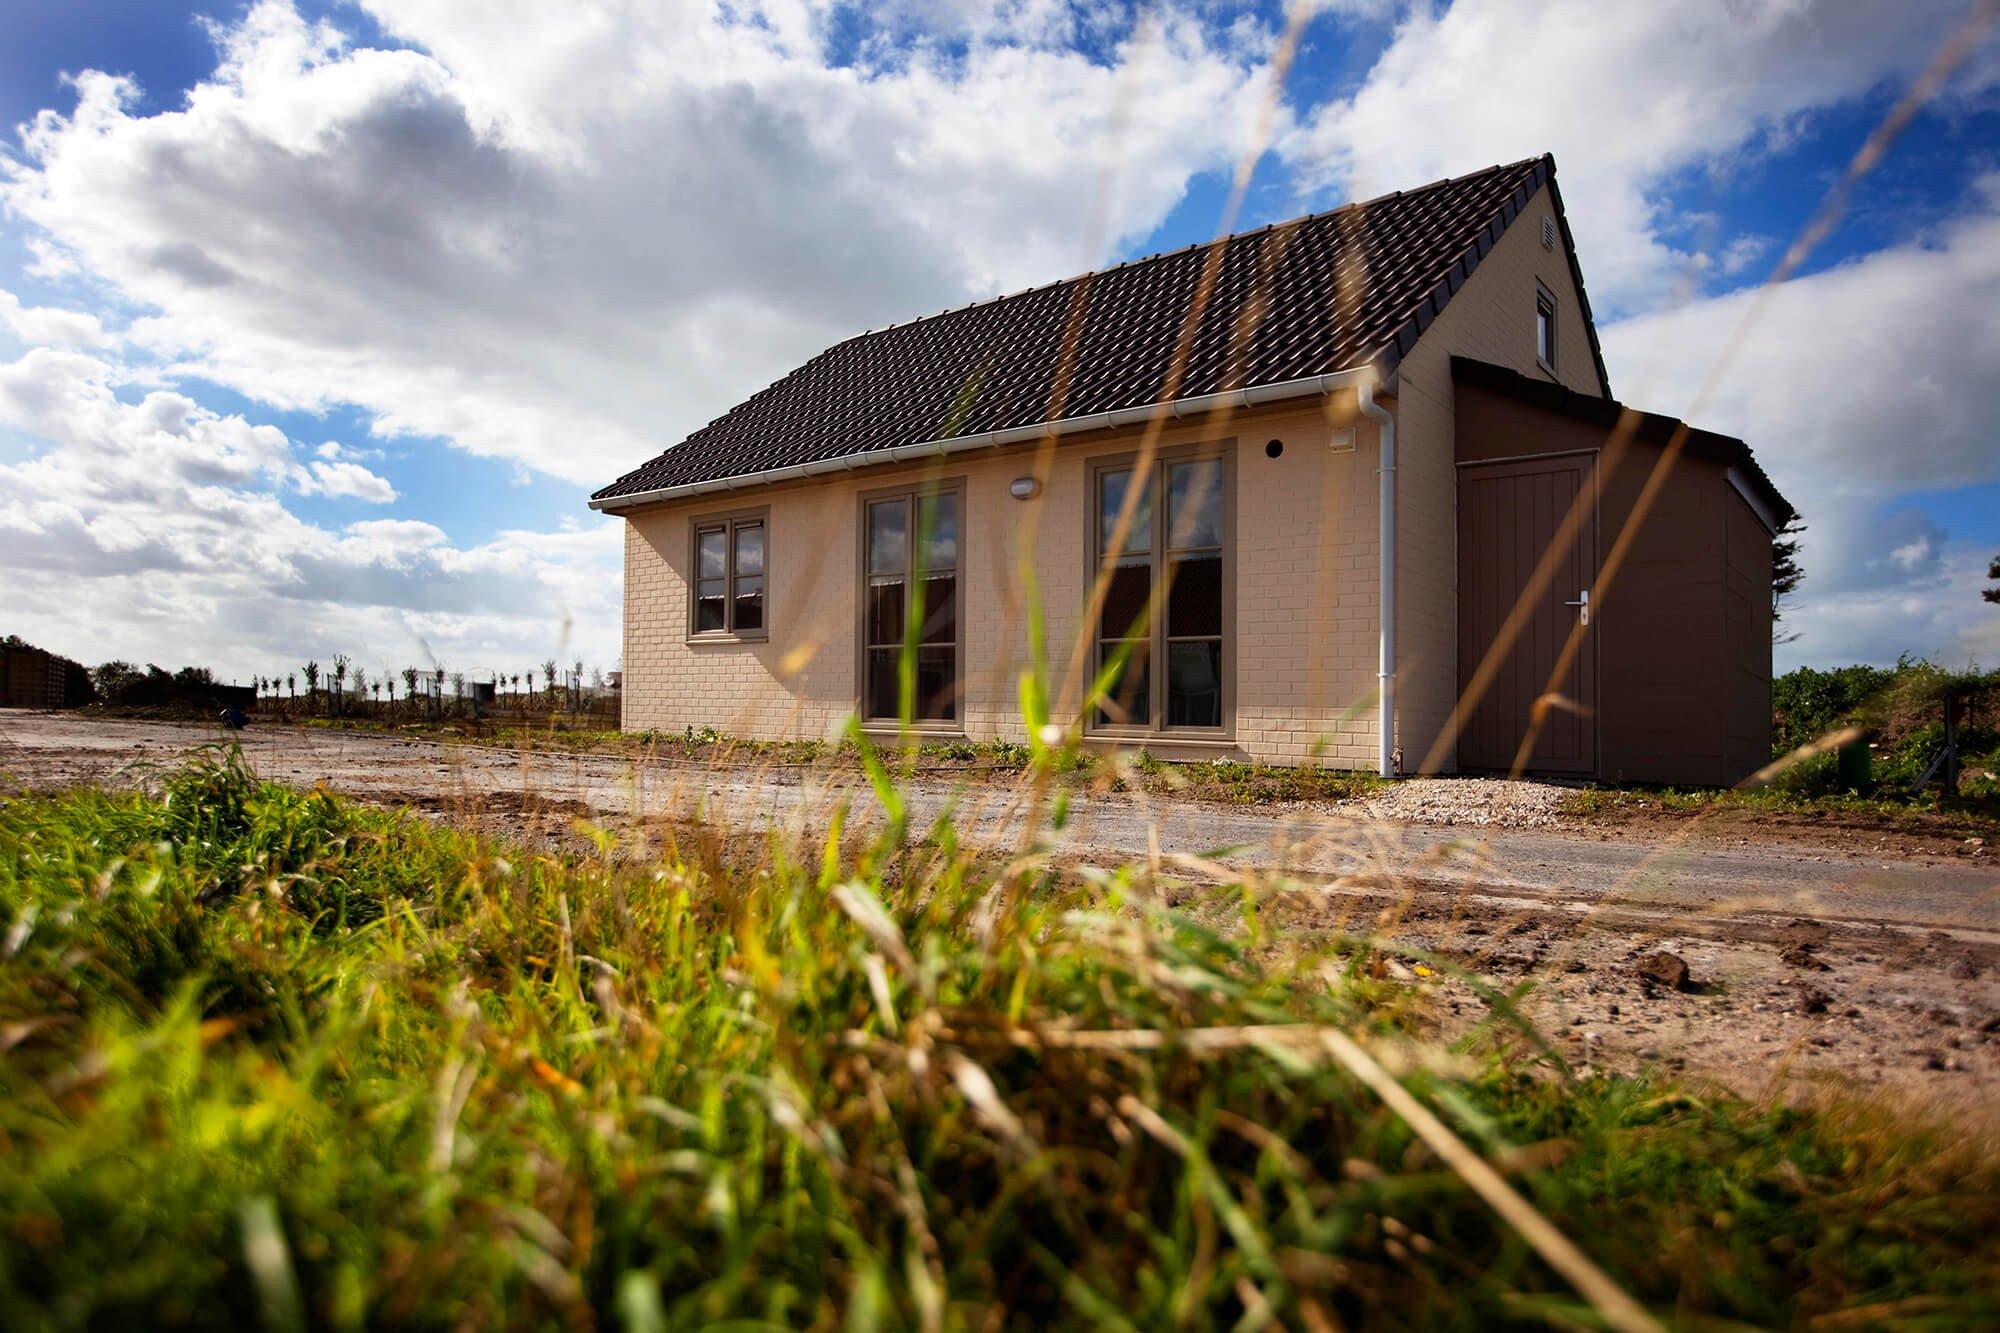 Schitterende vakantiehuizen aan de duinen in Wenduine